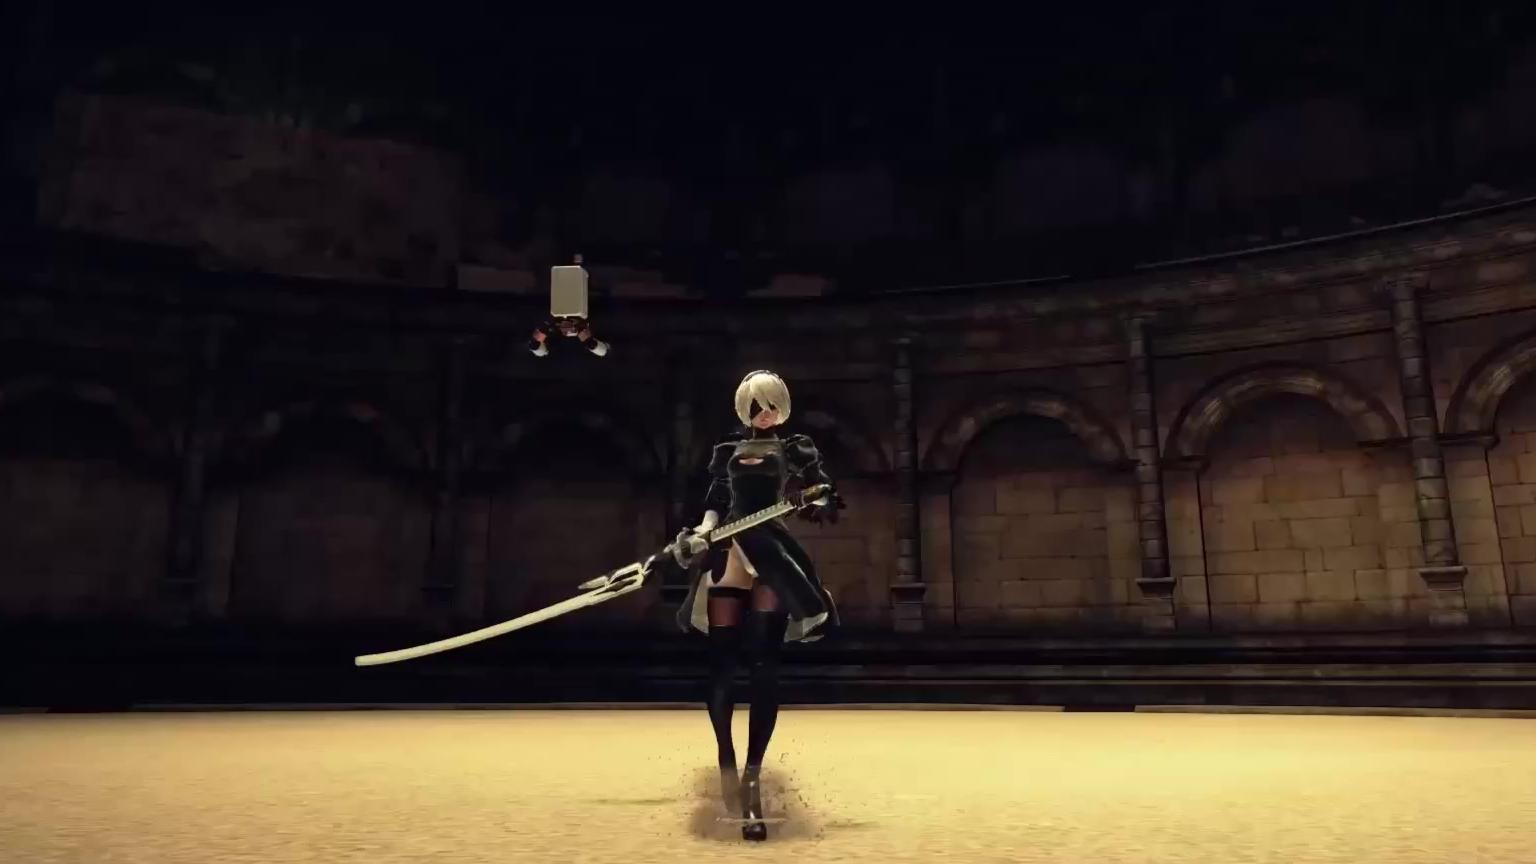 2B-武器展示-重剑斩